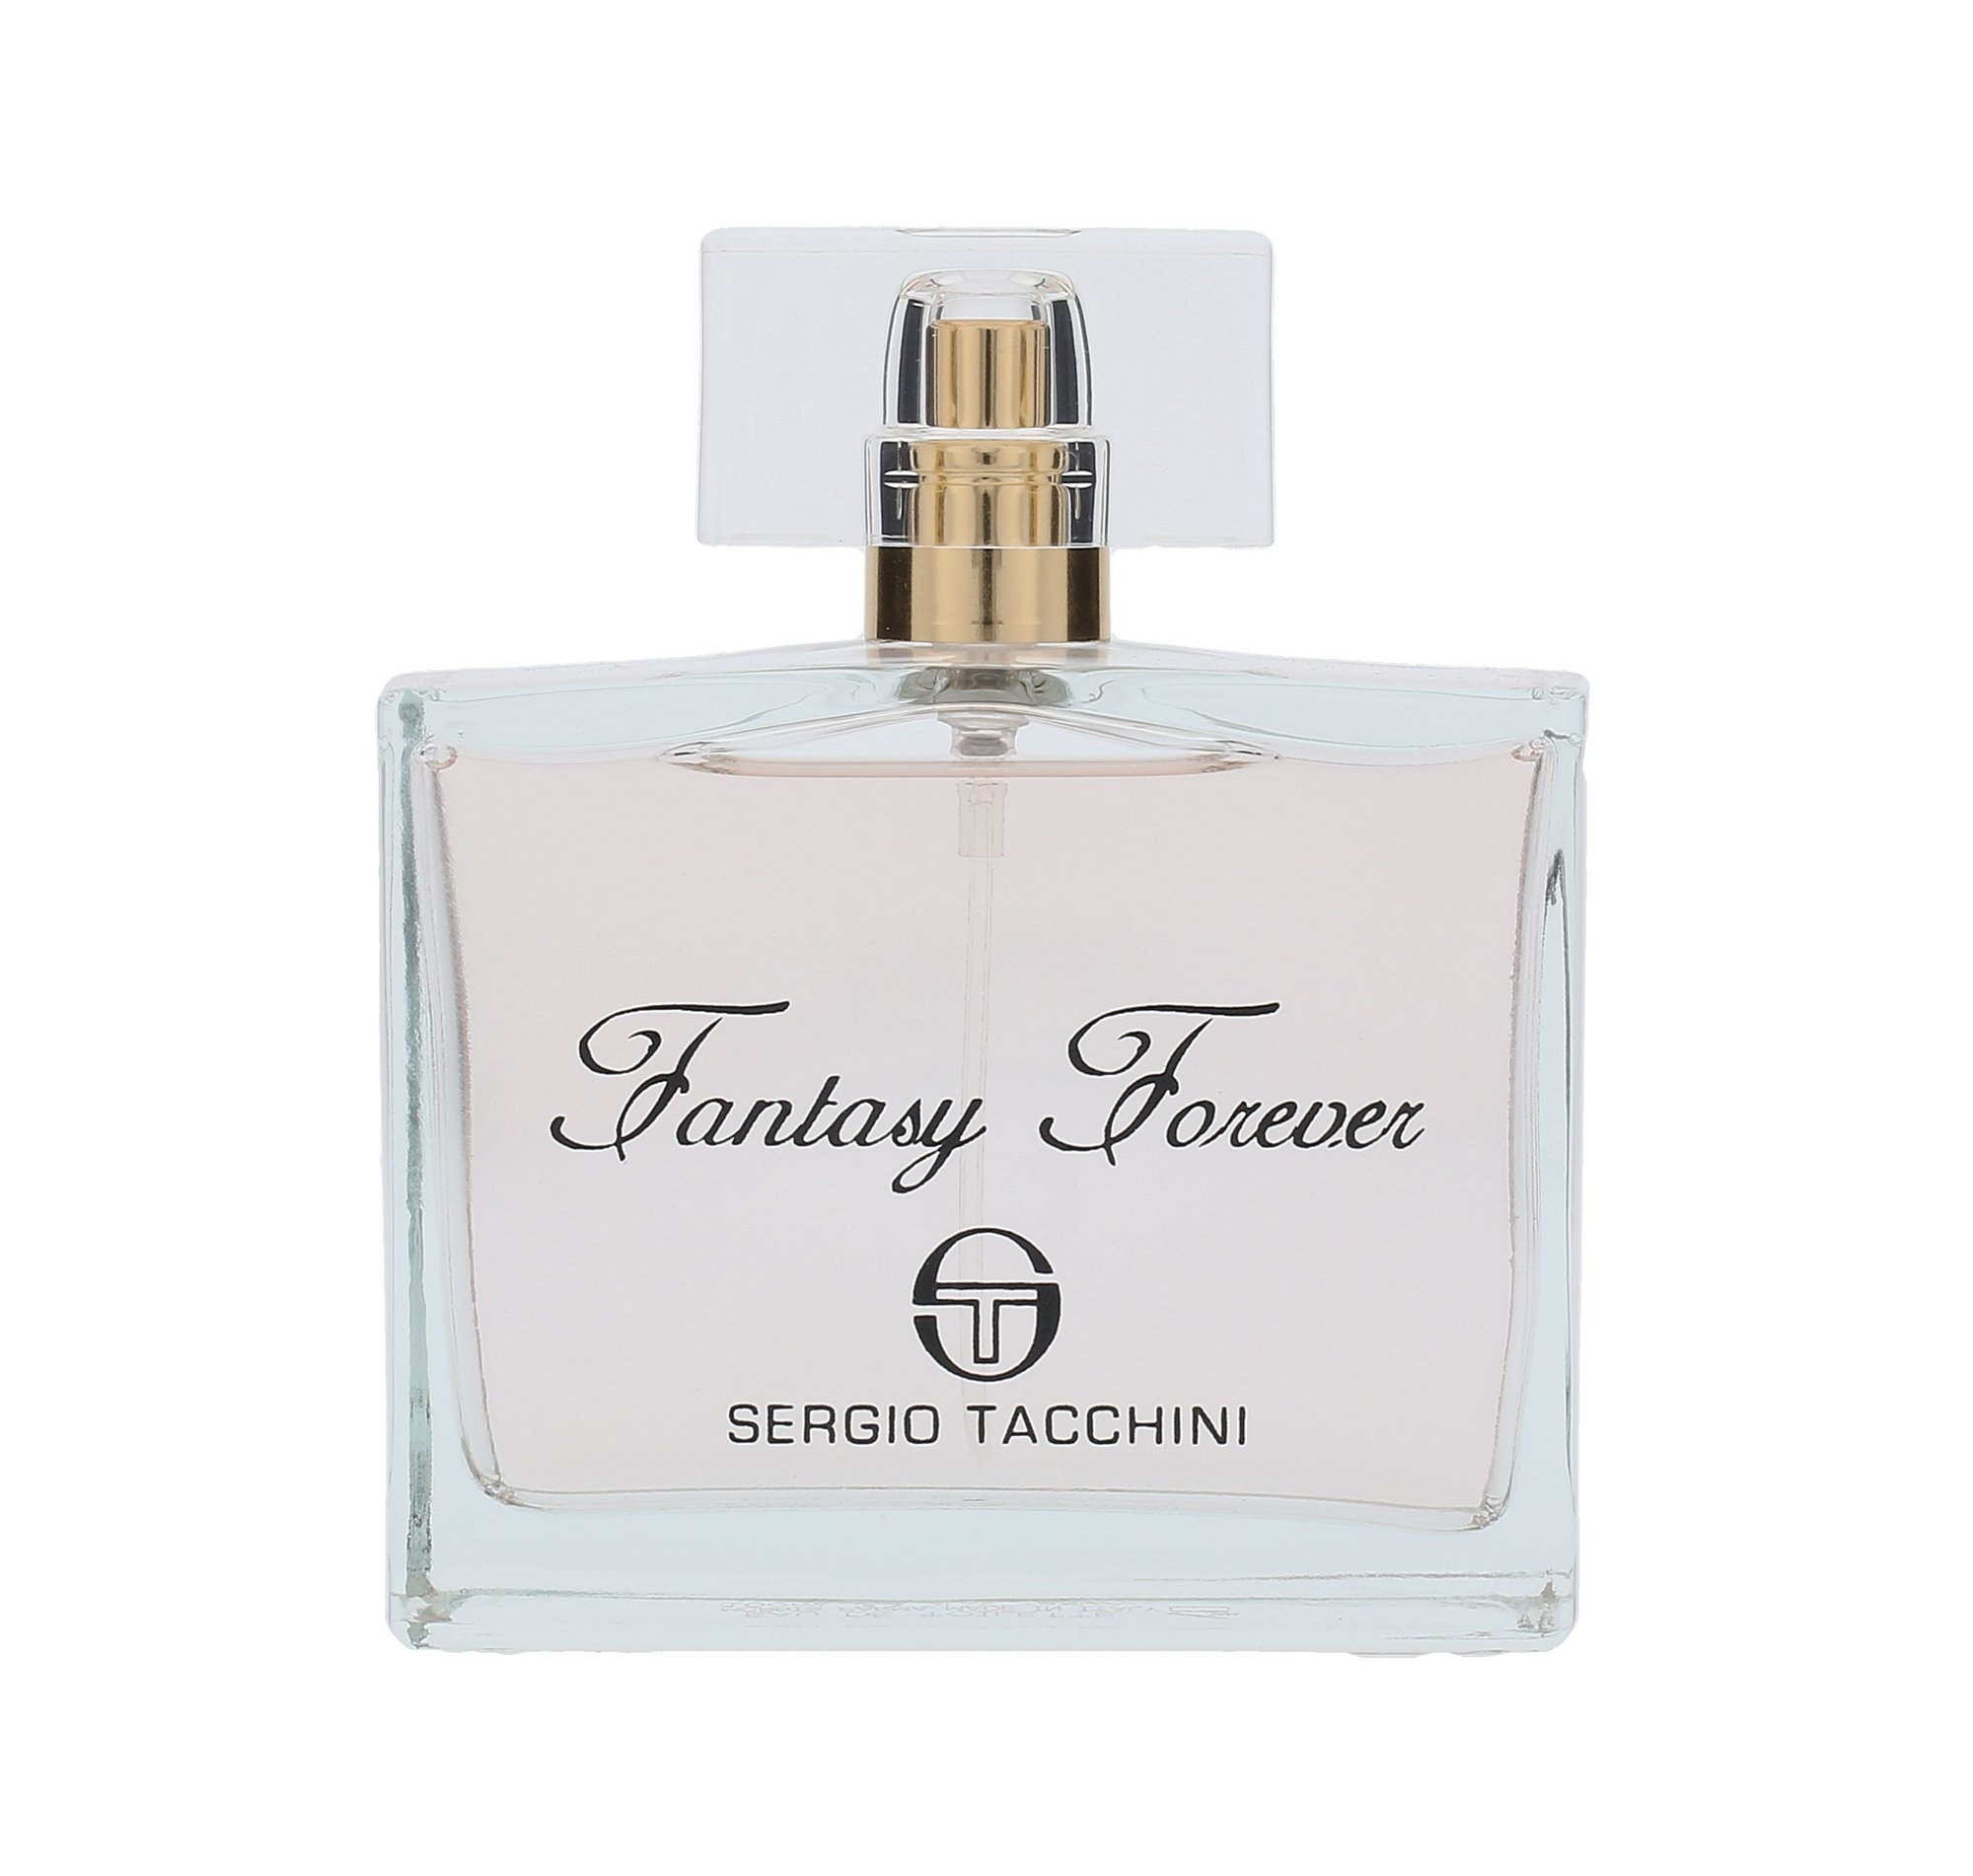 Sergio Tacchini Fantasy Forever EDT 100ml